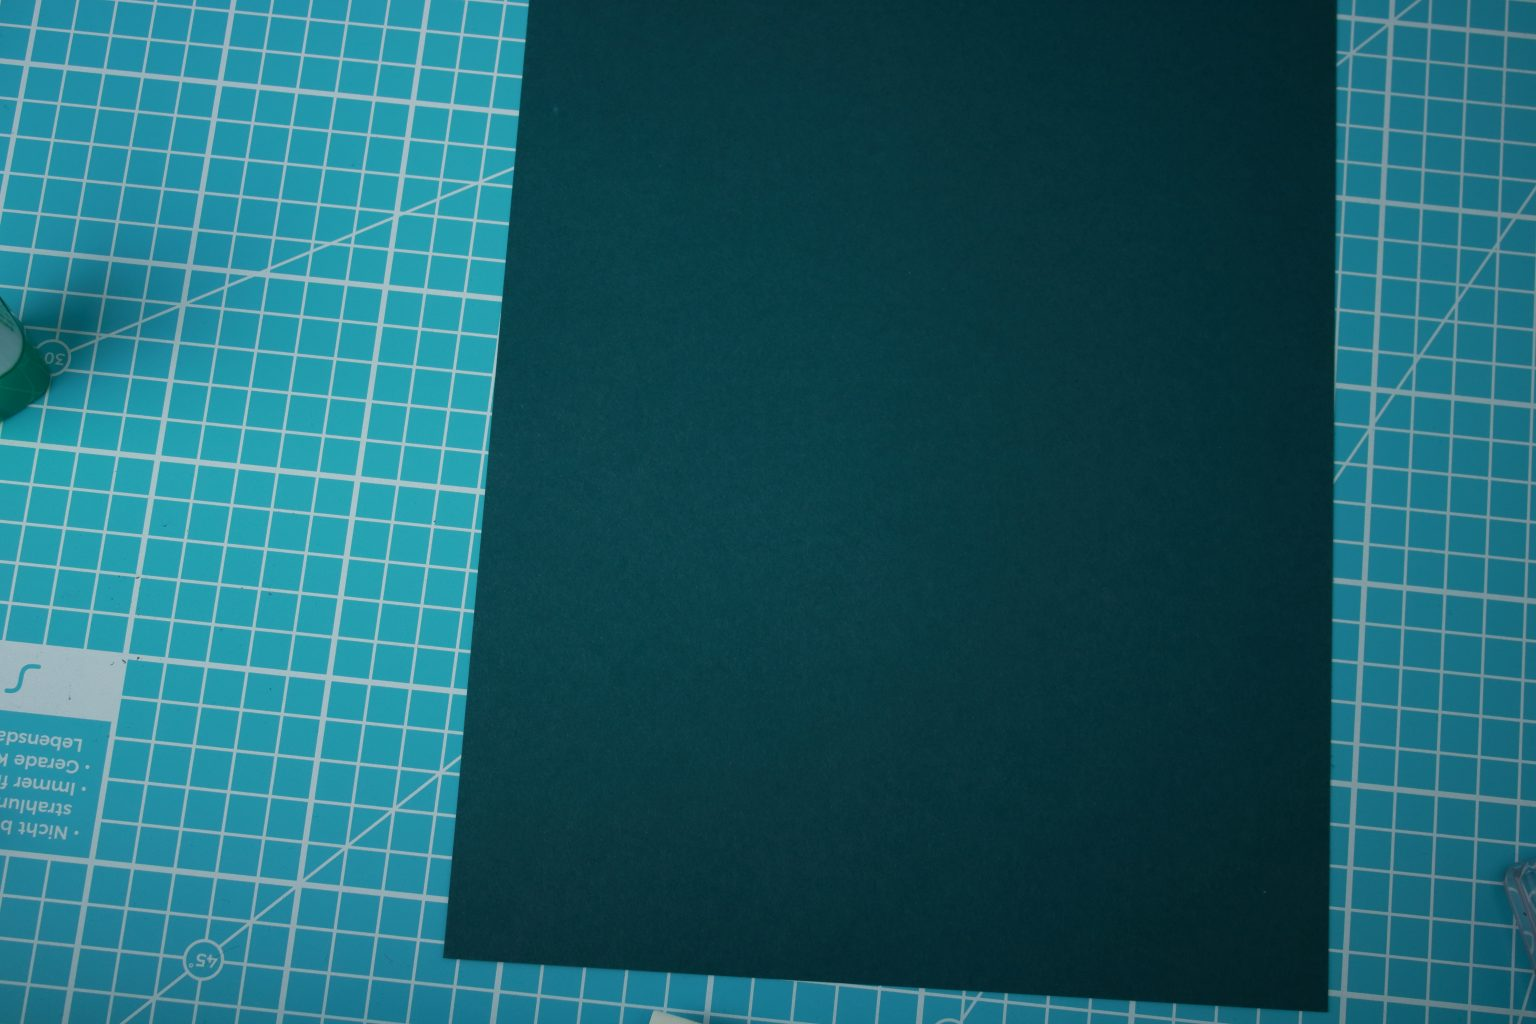 Einen weiteren Farbkarton habe ich dann auf 14,9 cm x 27,85 cm zugeschnitten.